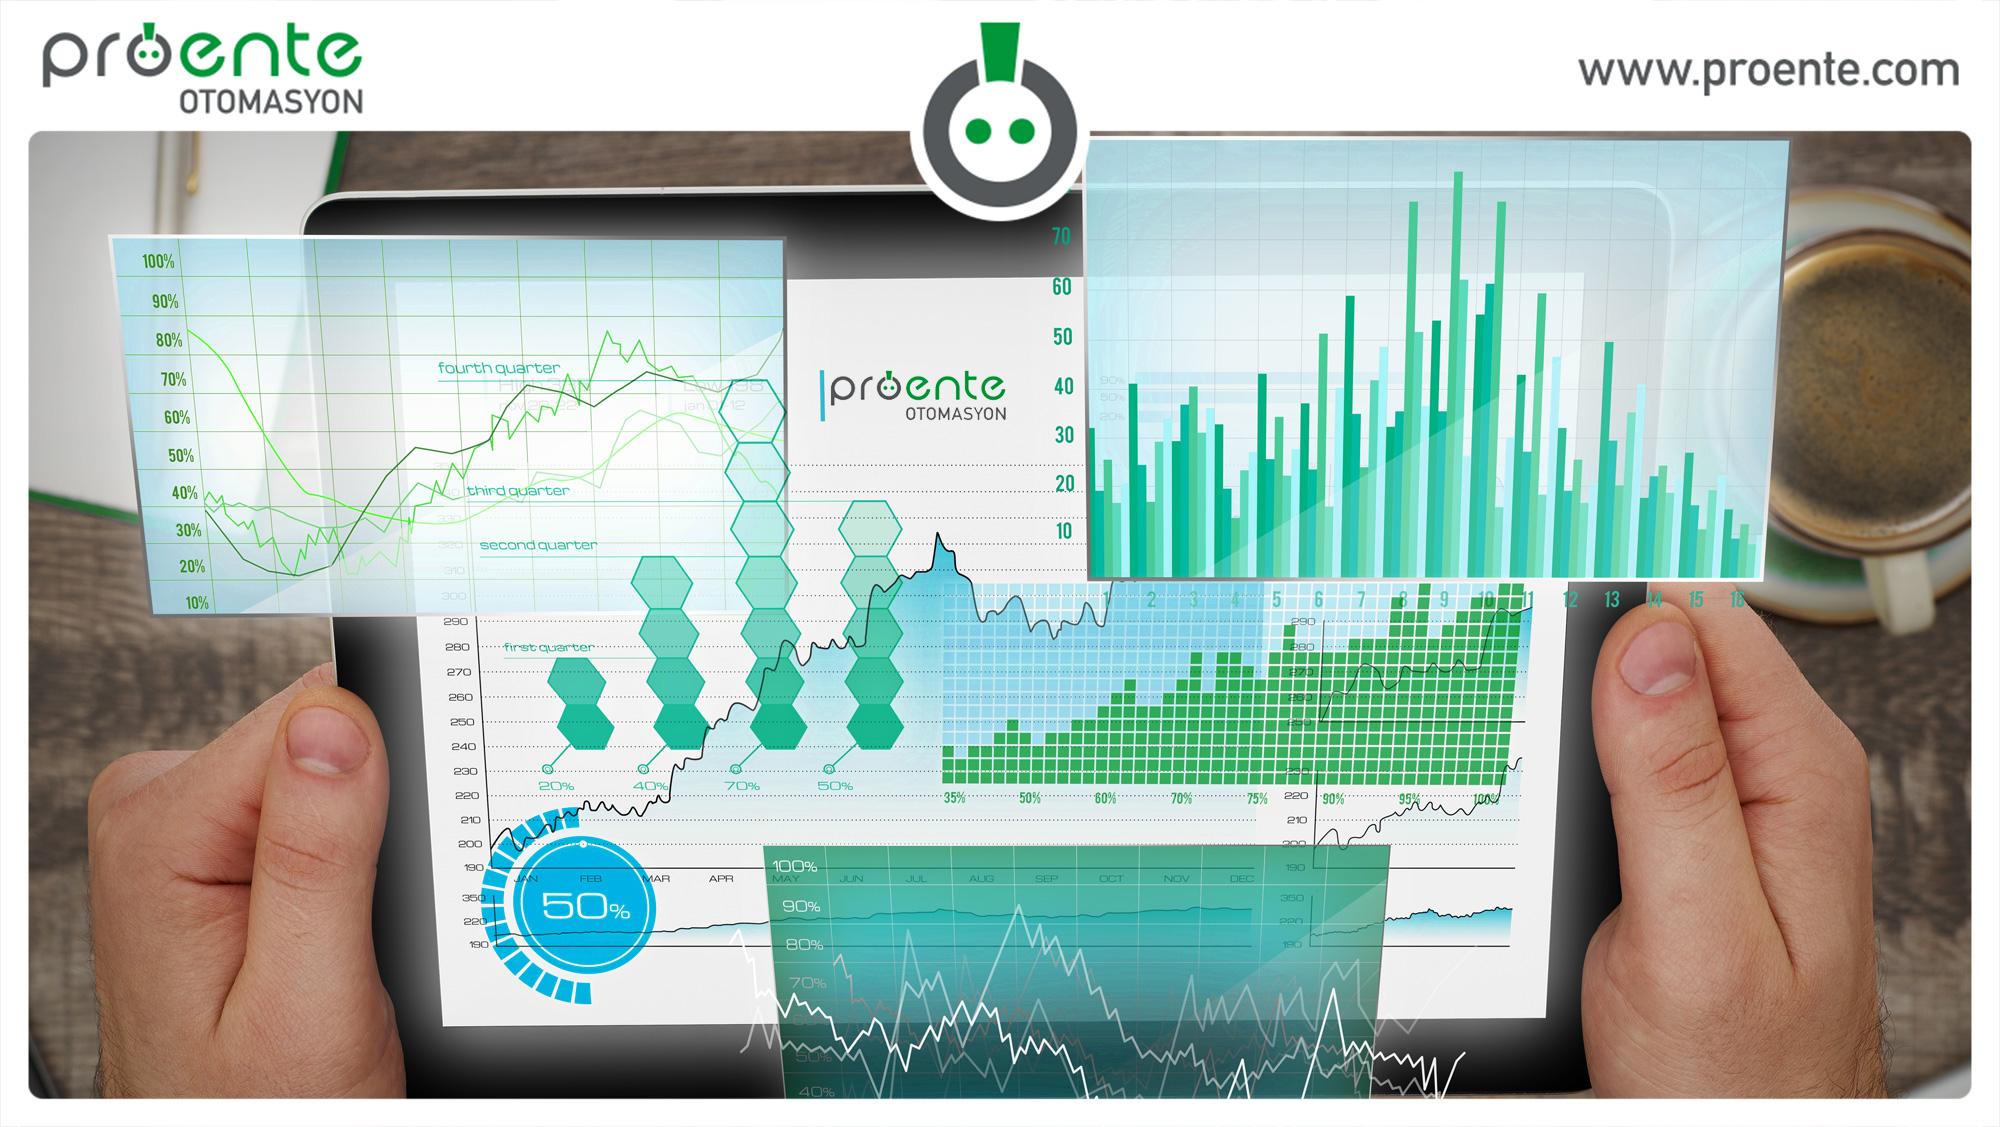 veri analizi yararları, veri analizi, veri analisti, verileri okuma,